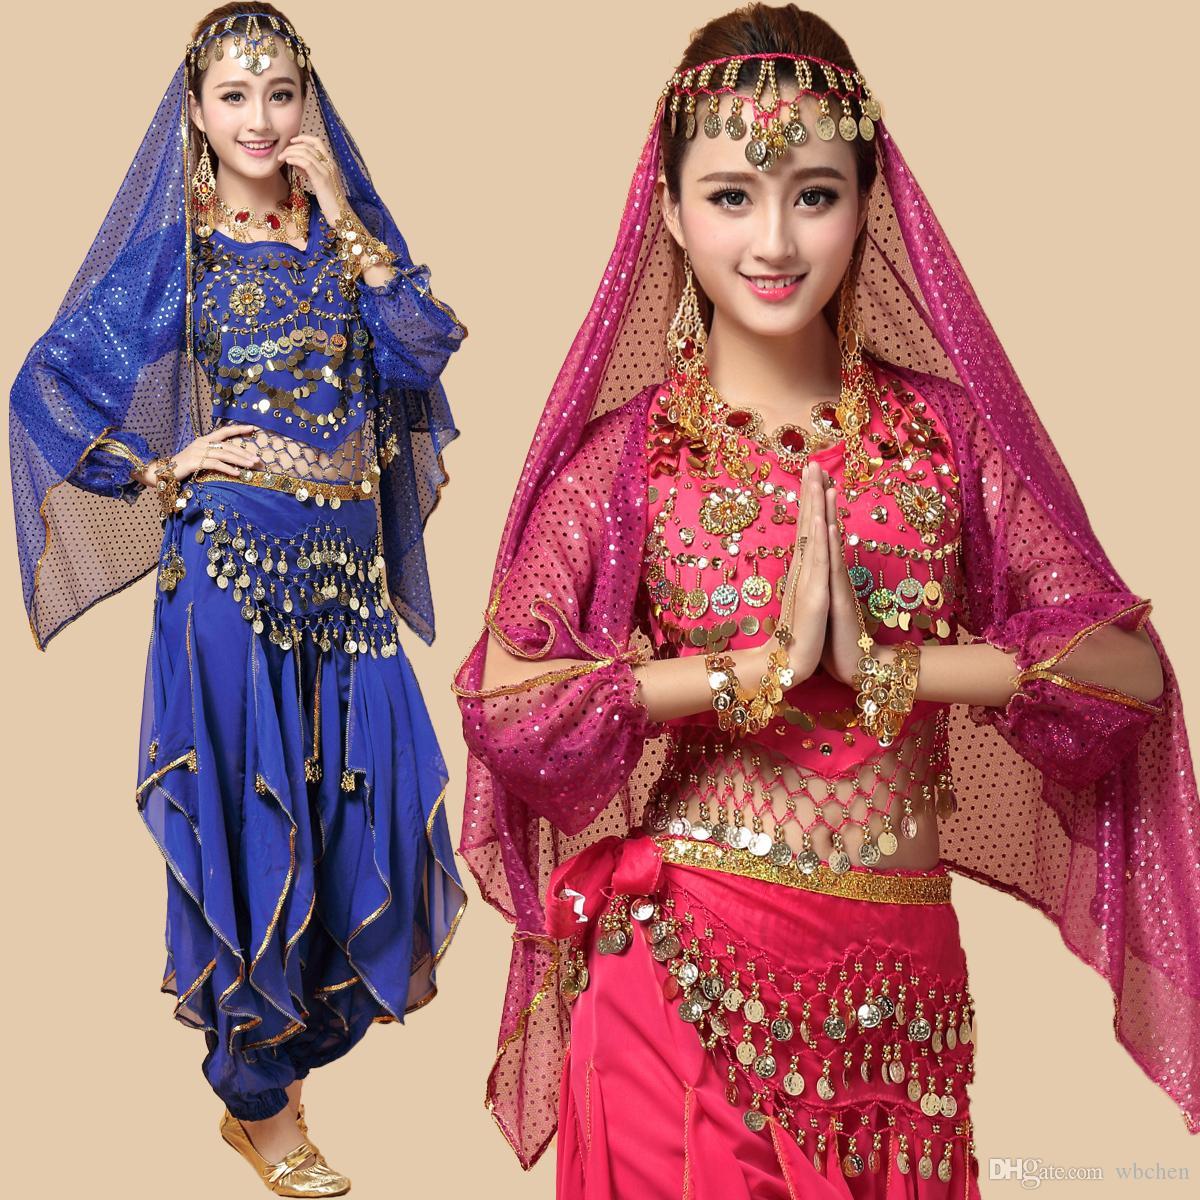 Manches longues Belly Dance Costume Set (Top + Pantalon + Ceinture + Voile + Bracelets) Déguisements scène Performance Bollywood Indian Dancewear Vêtements